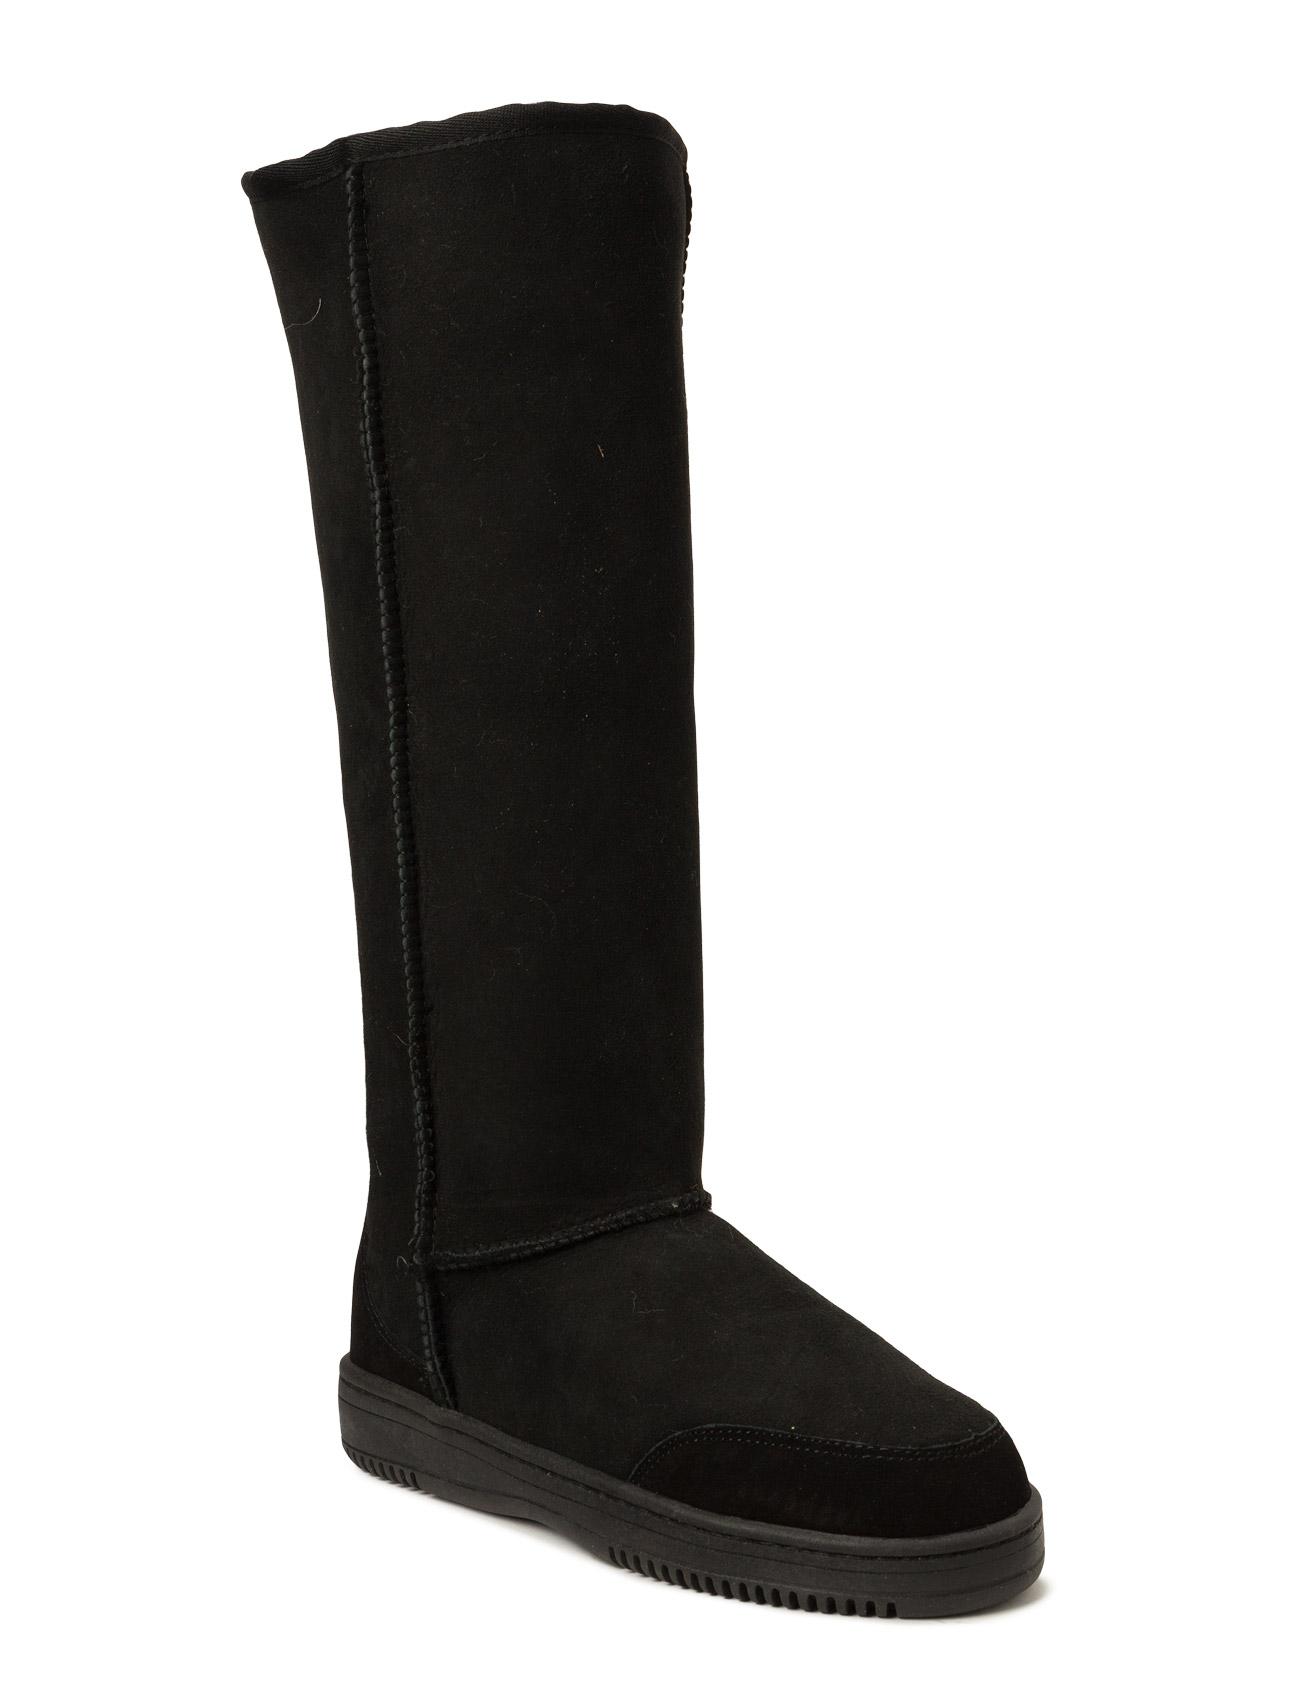 Tall New Zealand Boots Støvler til Damer i Sort